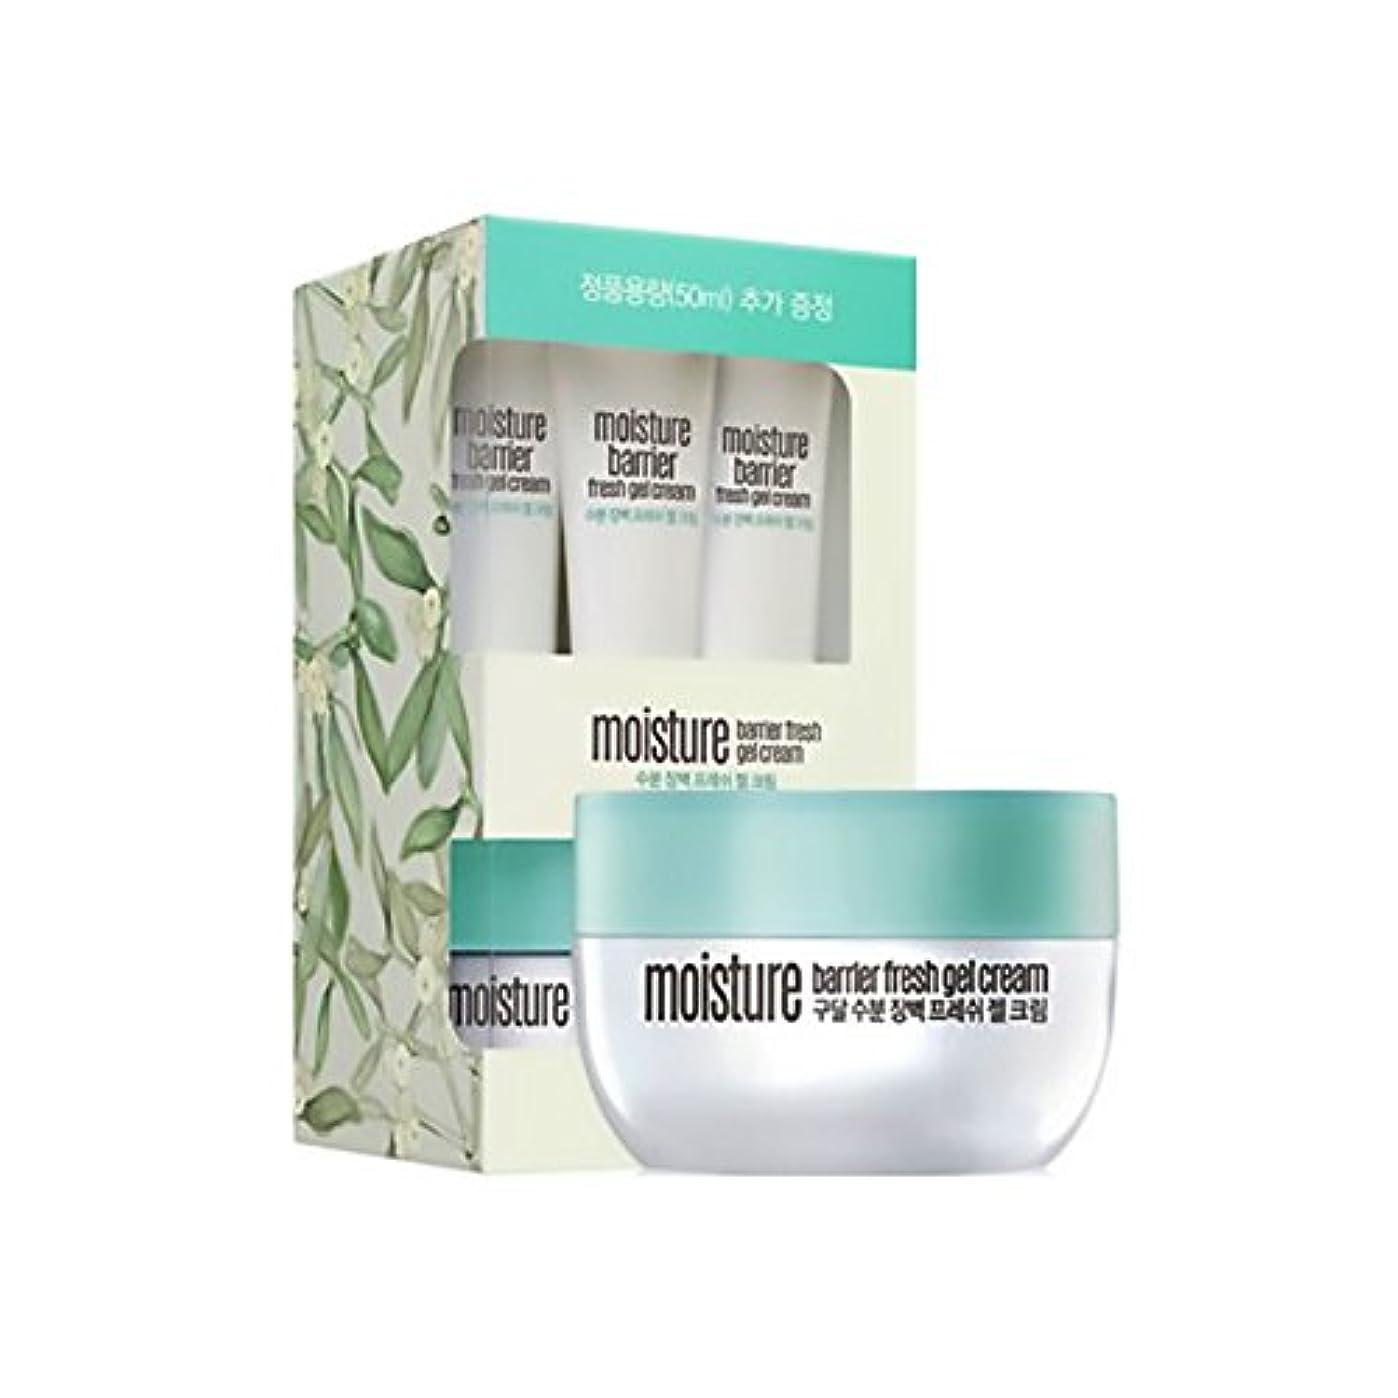 邪魔する急勾配の不利goodal moisture barrier fresh gel cream set